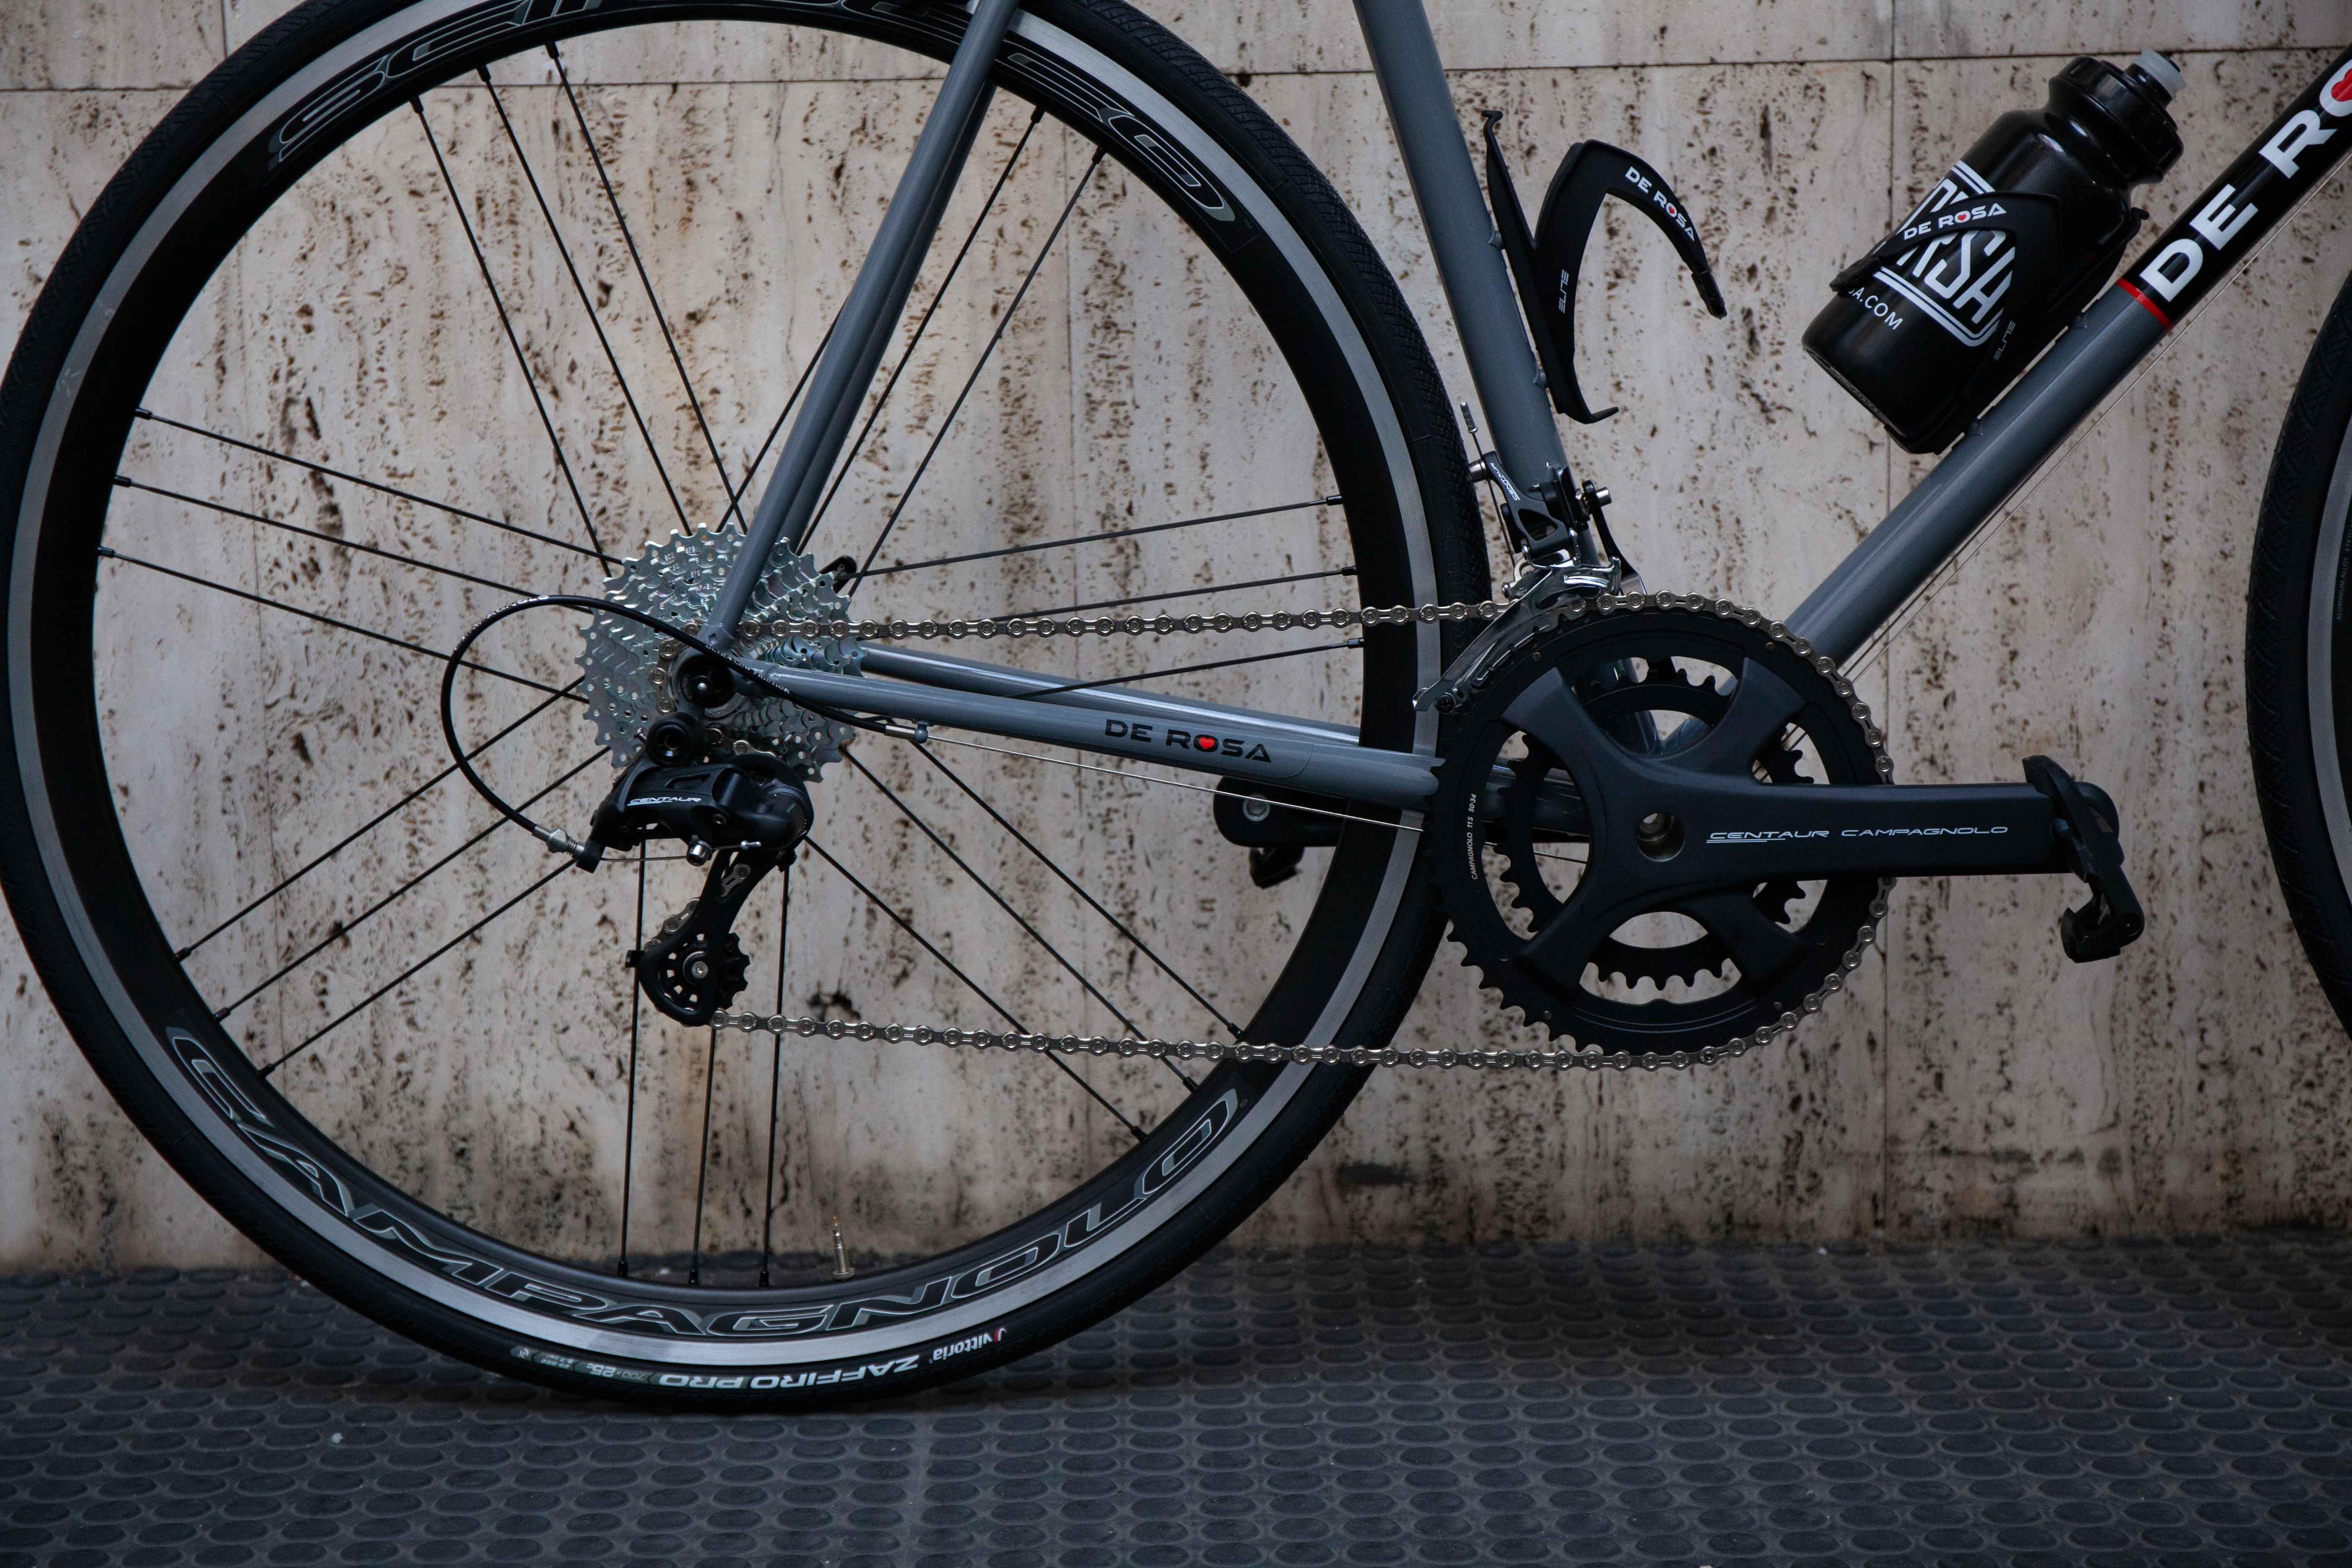 cicli corsa De Rosa Neo Primato Campagnolo Centaur